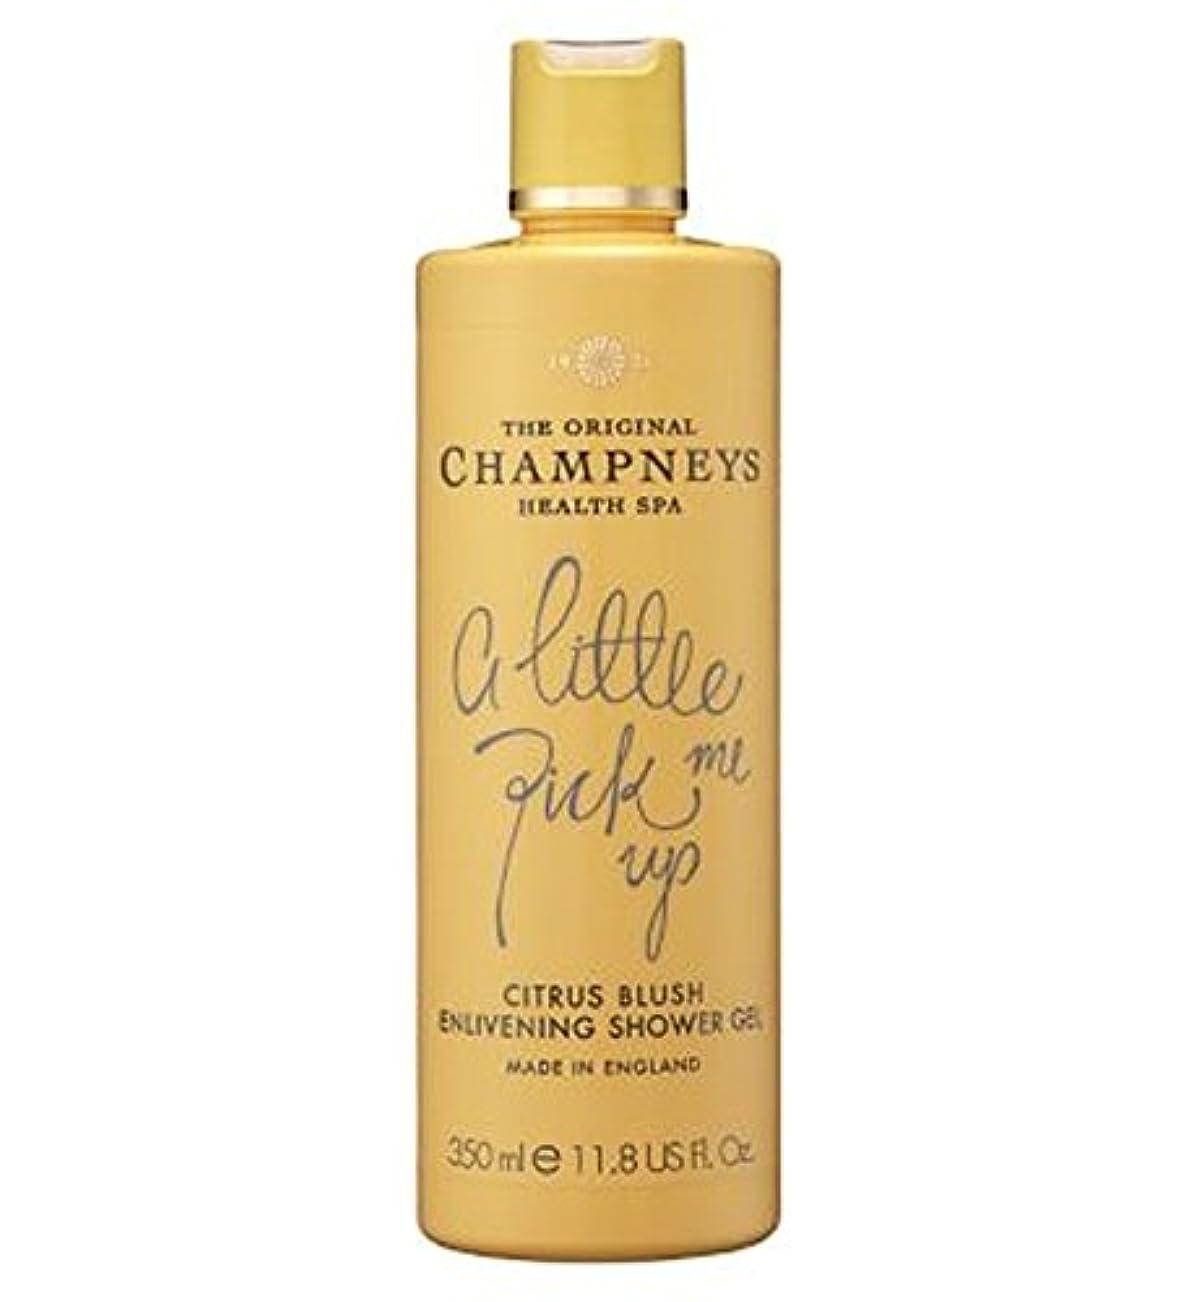 王室ハンディキャップ辛なChampneys Citrus Blush Enlivening Shower Gel 350ml - チャンプニーズシトラス赤面盛り上げシャワージェル350ミリリットル (Champneys) [並行輸入品]